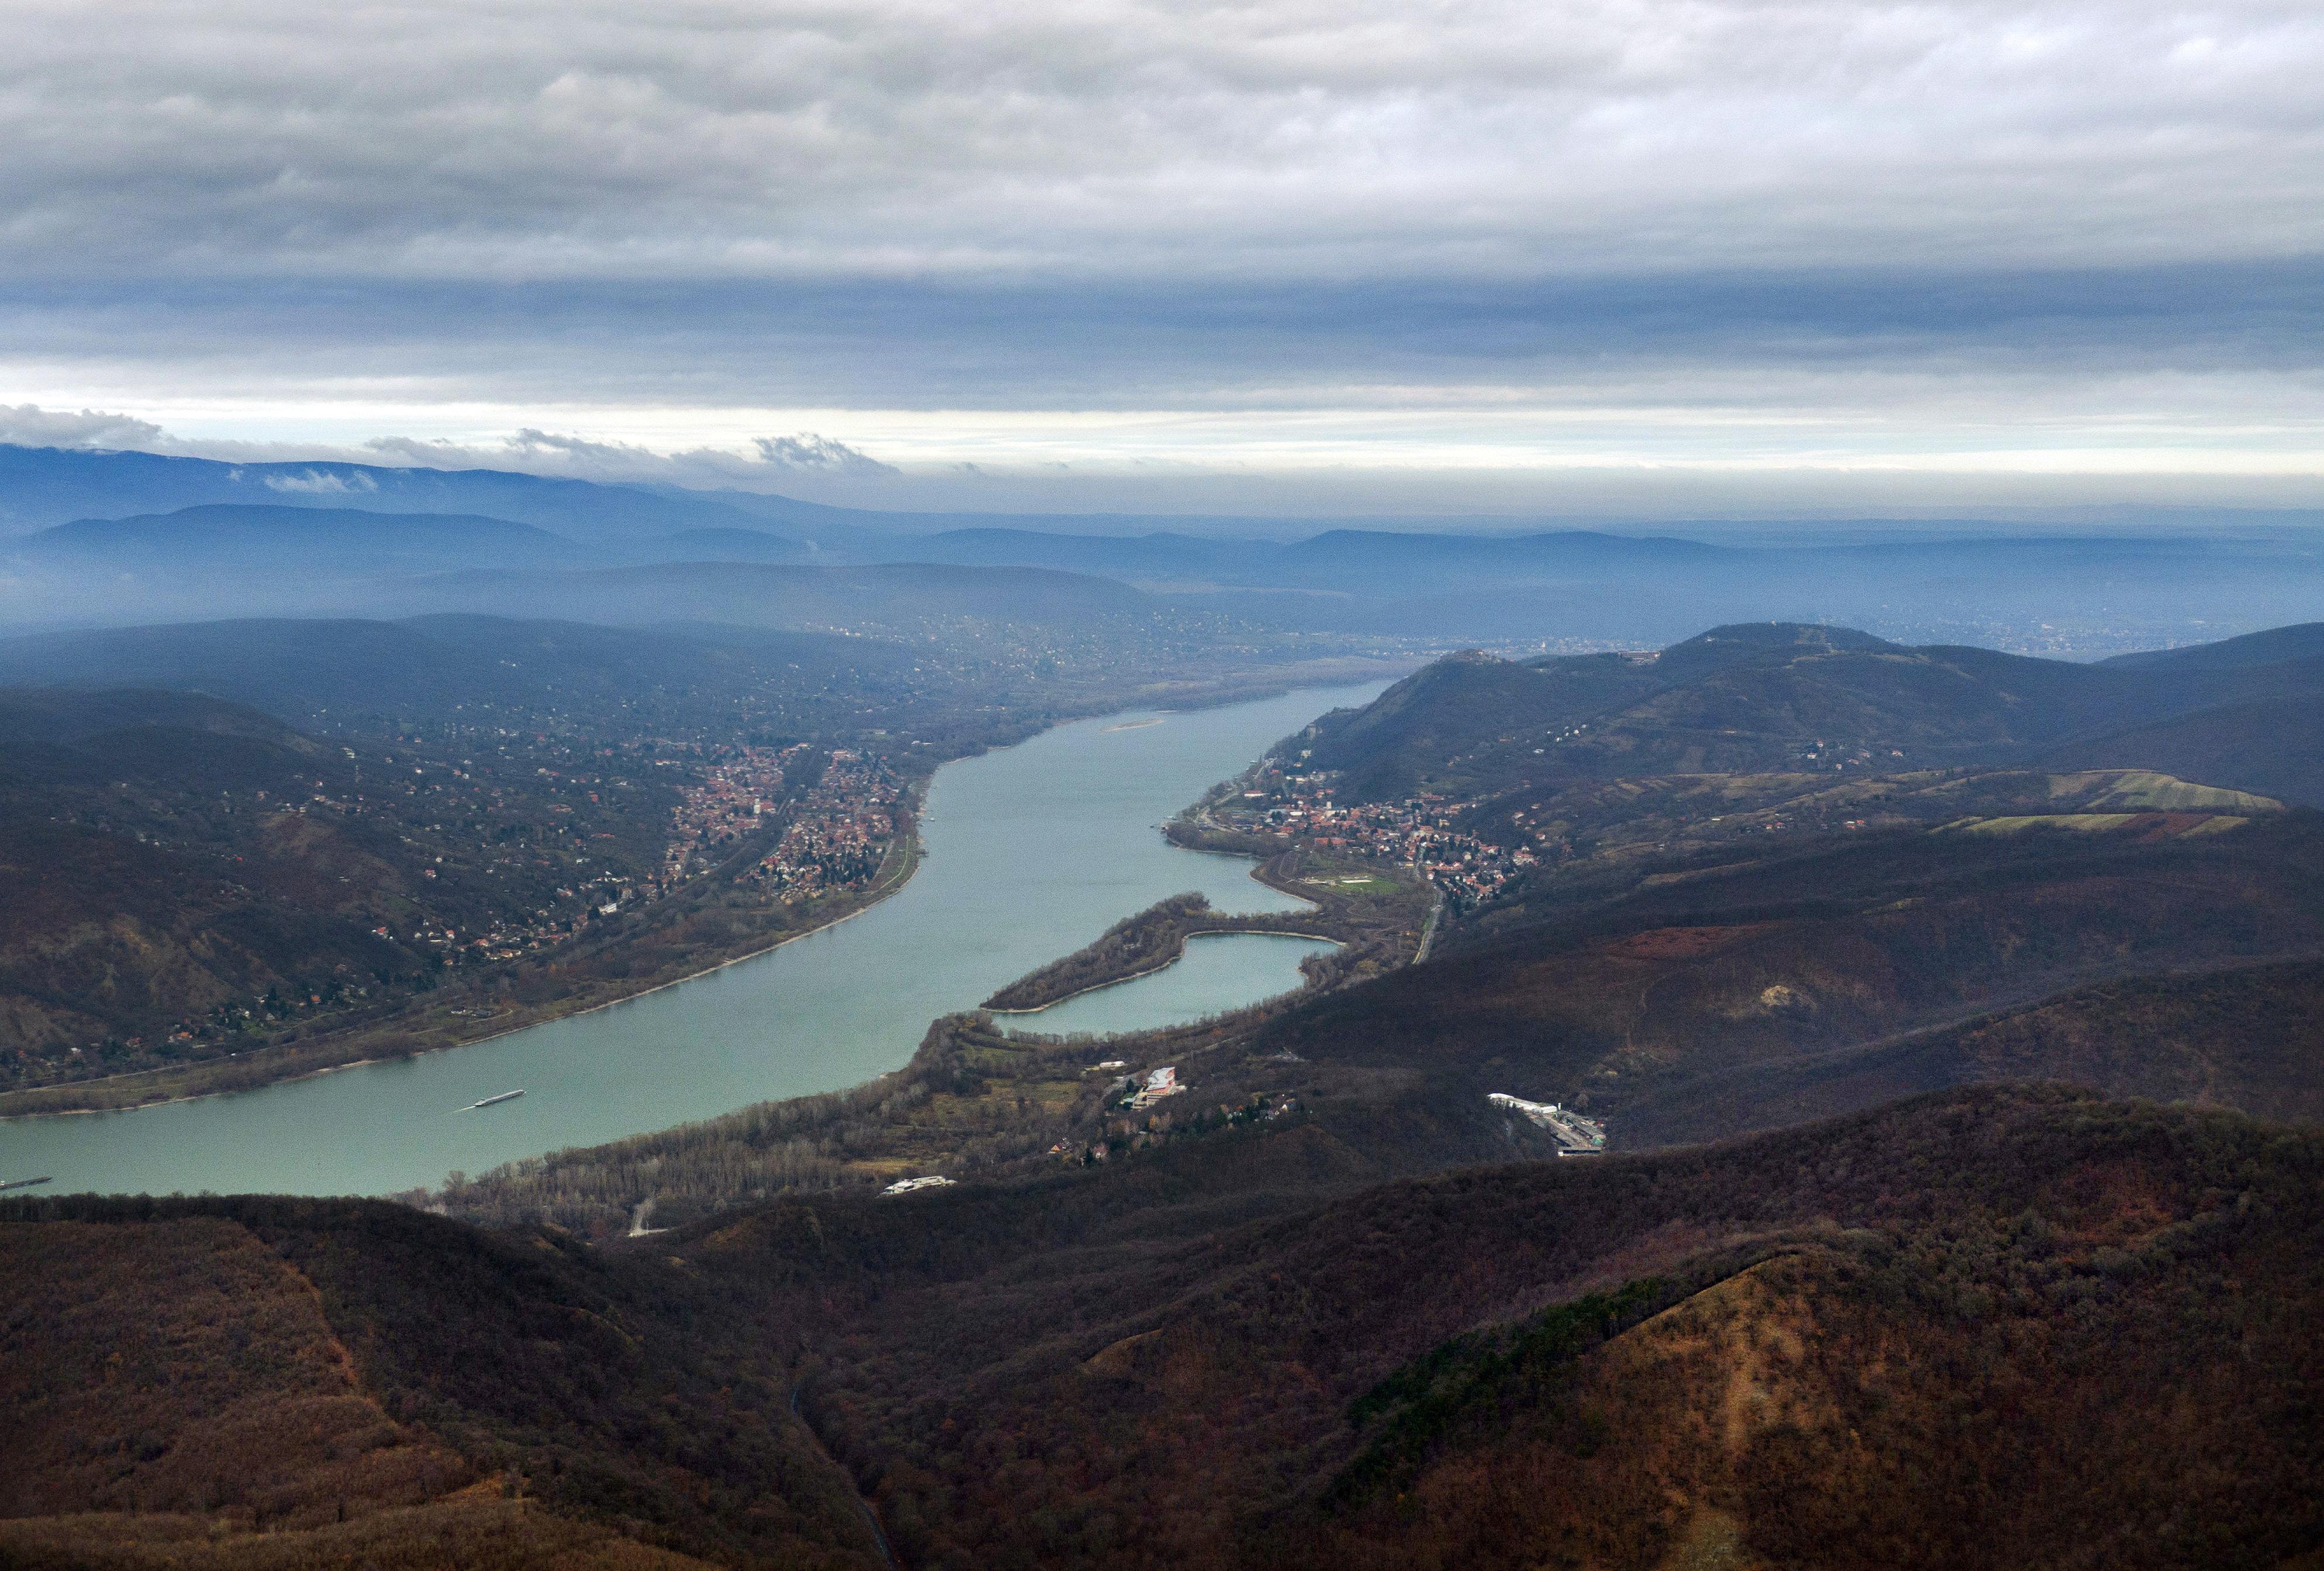 Valós idejű adatok nemzetközi megosztása segítheti az árvízi védekezést a Dunán